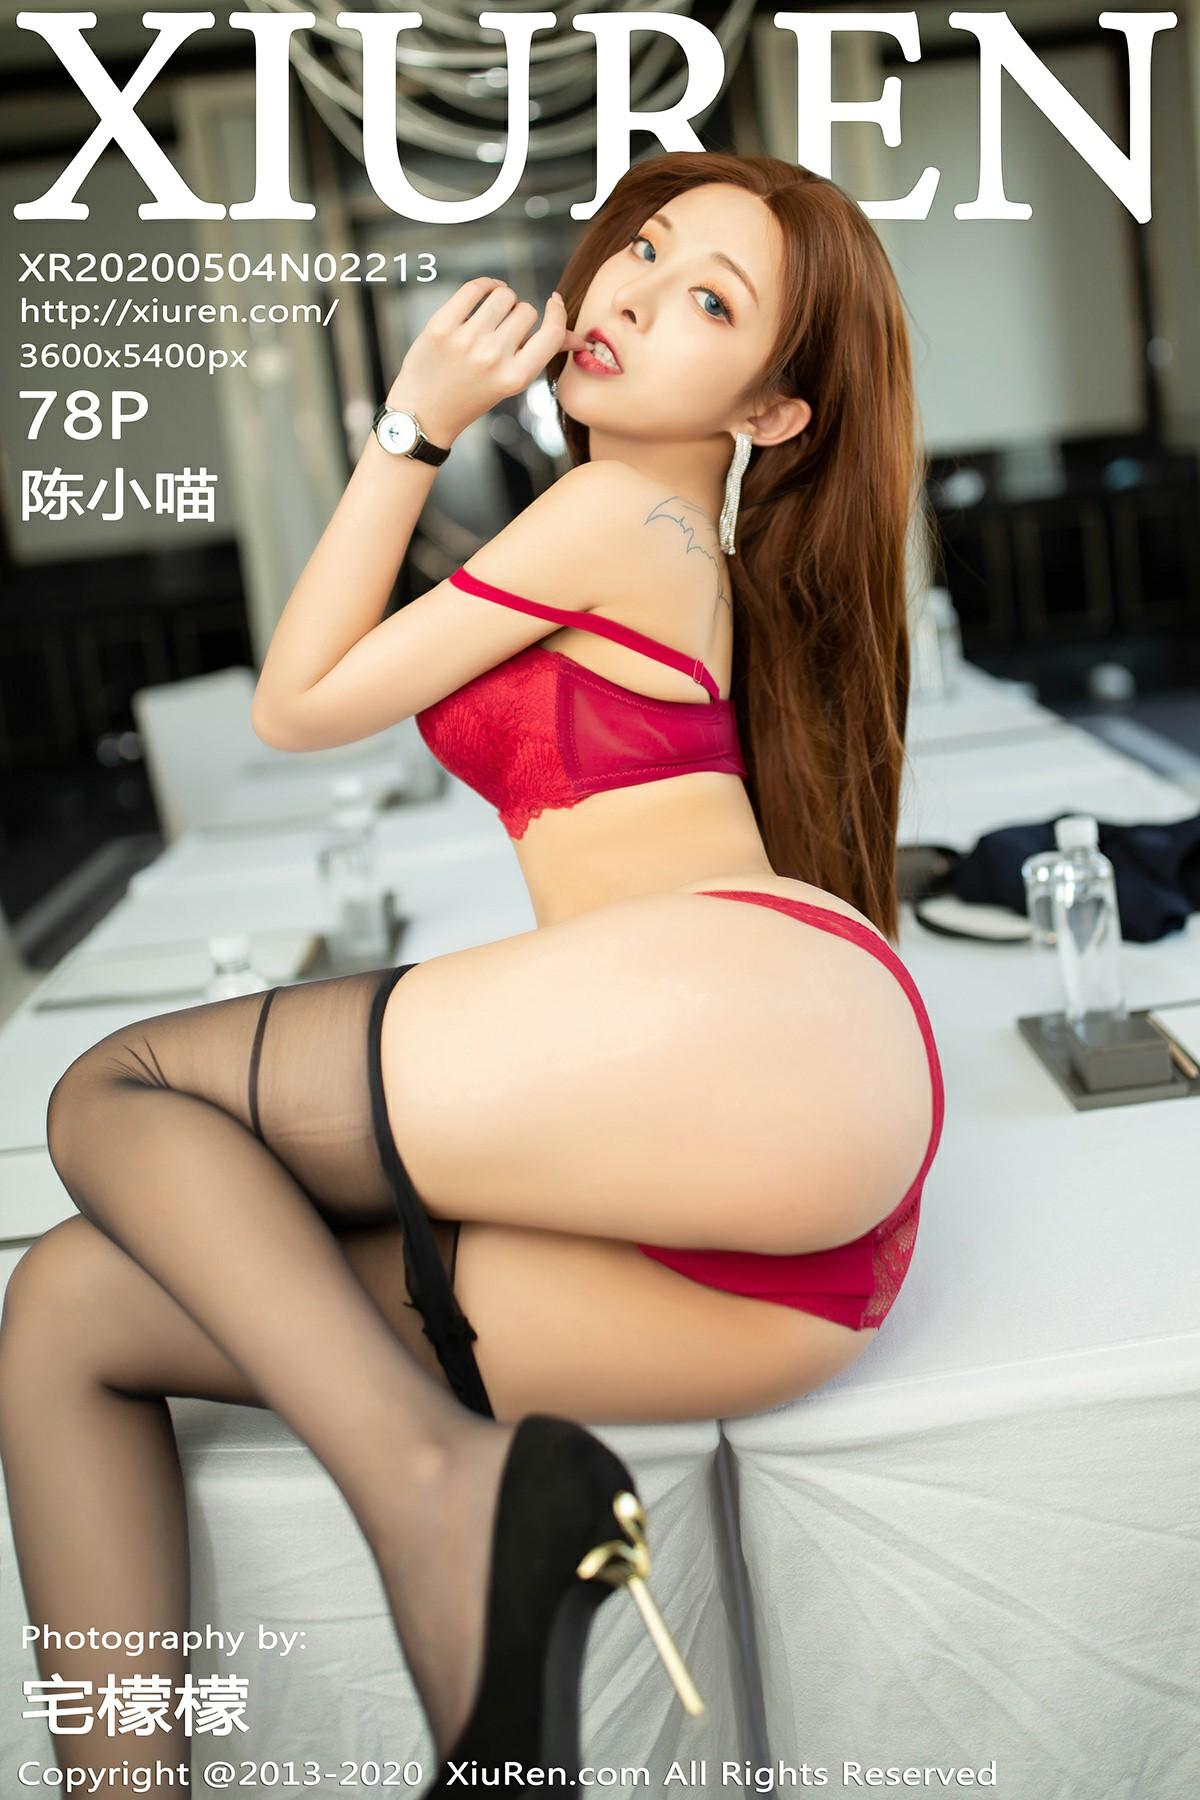 [XiuRen秀人网]2020.05.04 No.2213 陈小喵 第1张